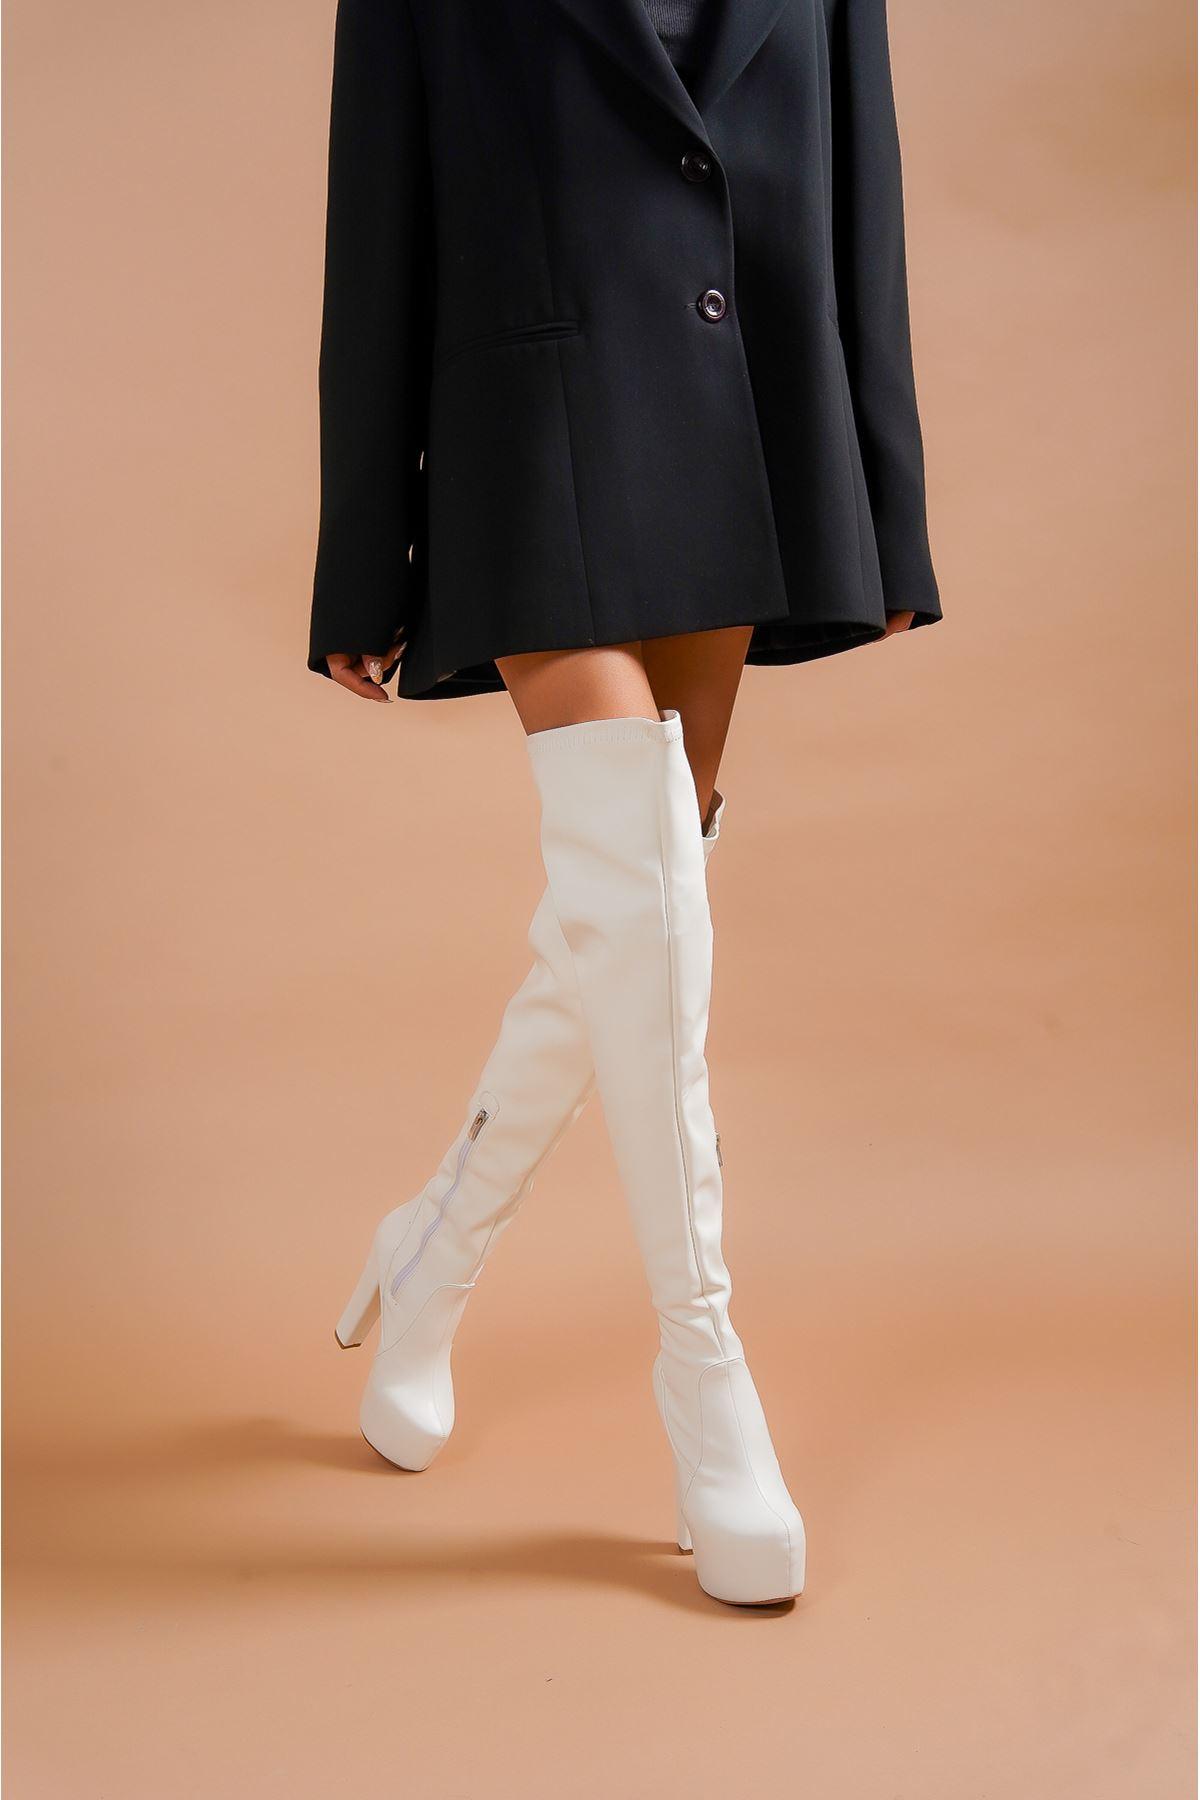 Pages Beyaz Cilt Yüksek Topuklu Diz Üstü Kadın Çizme